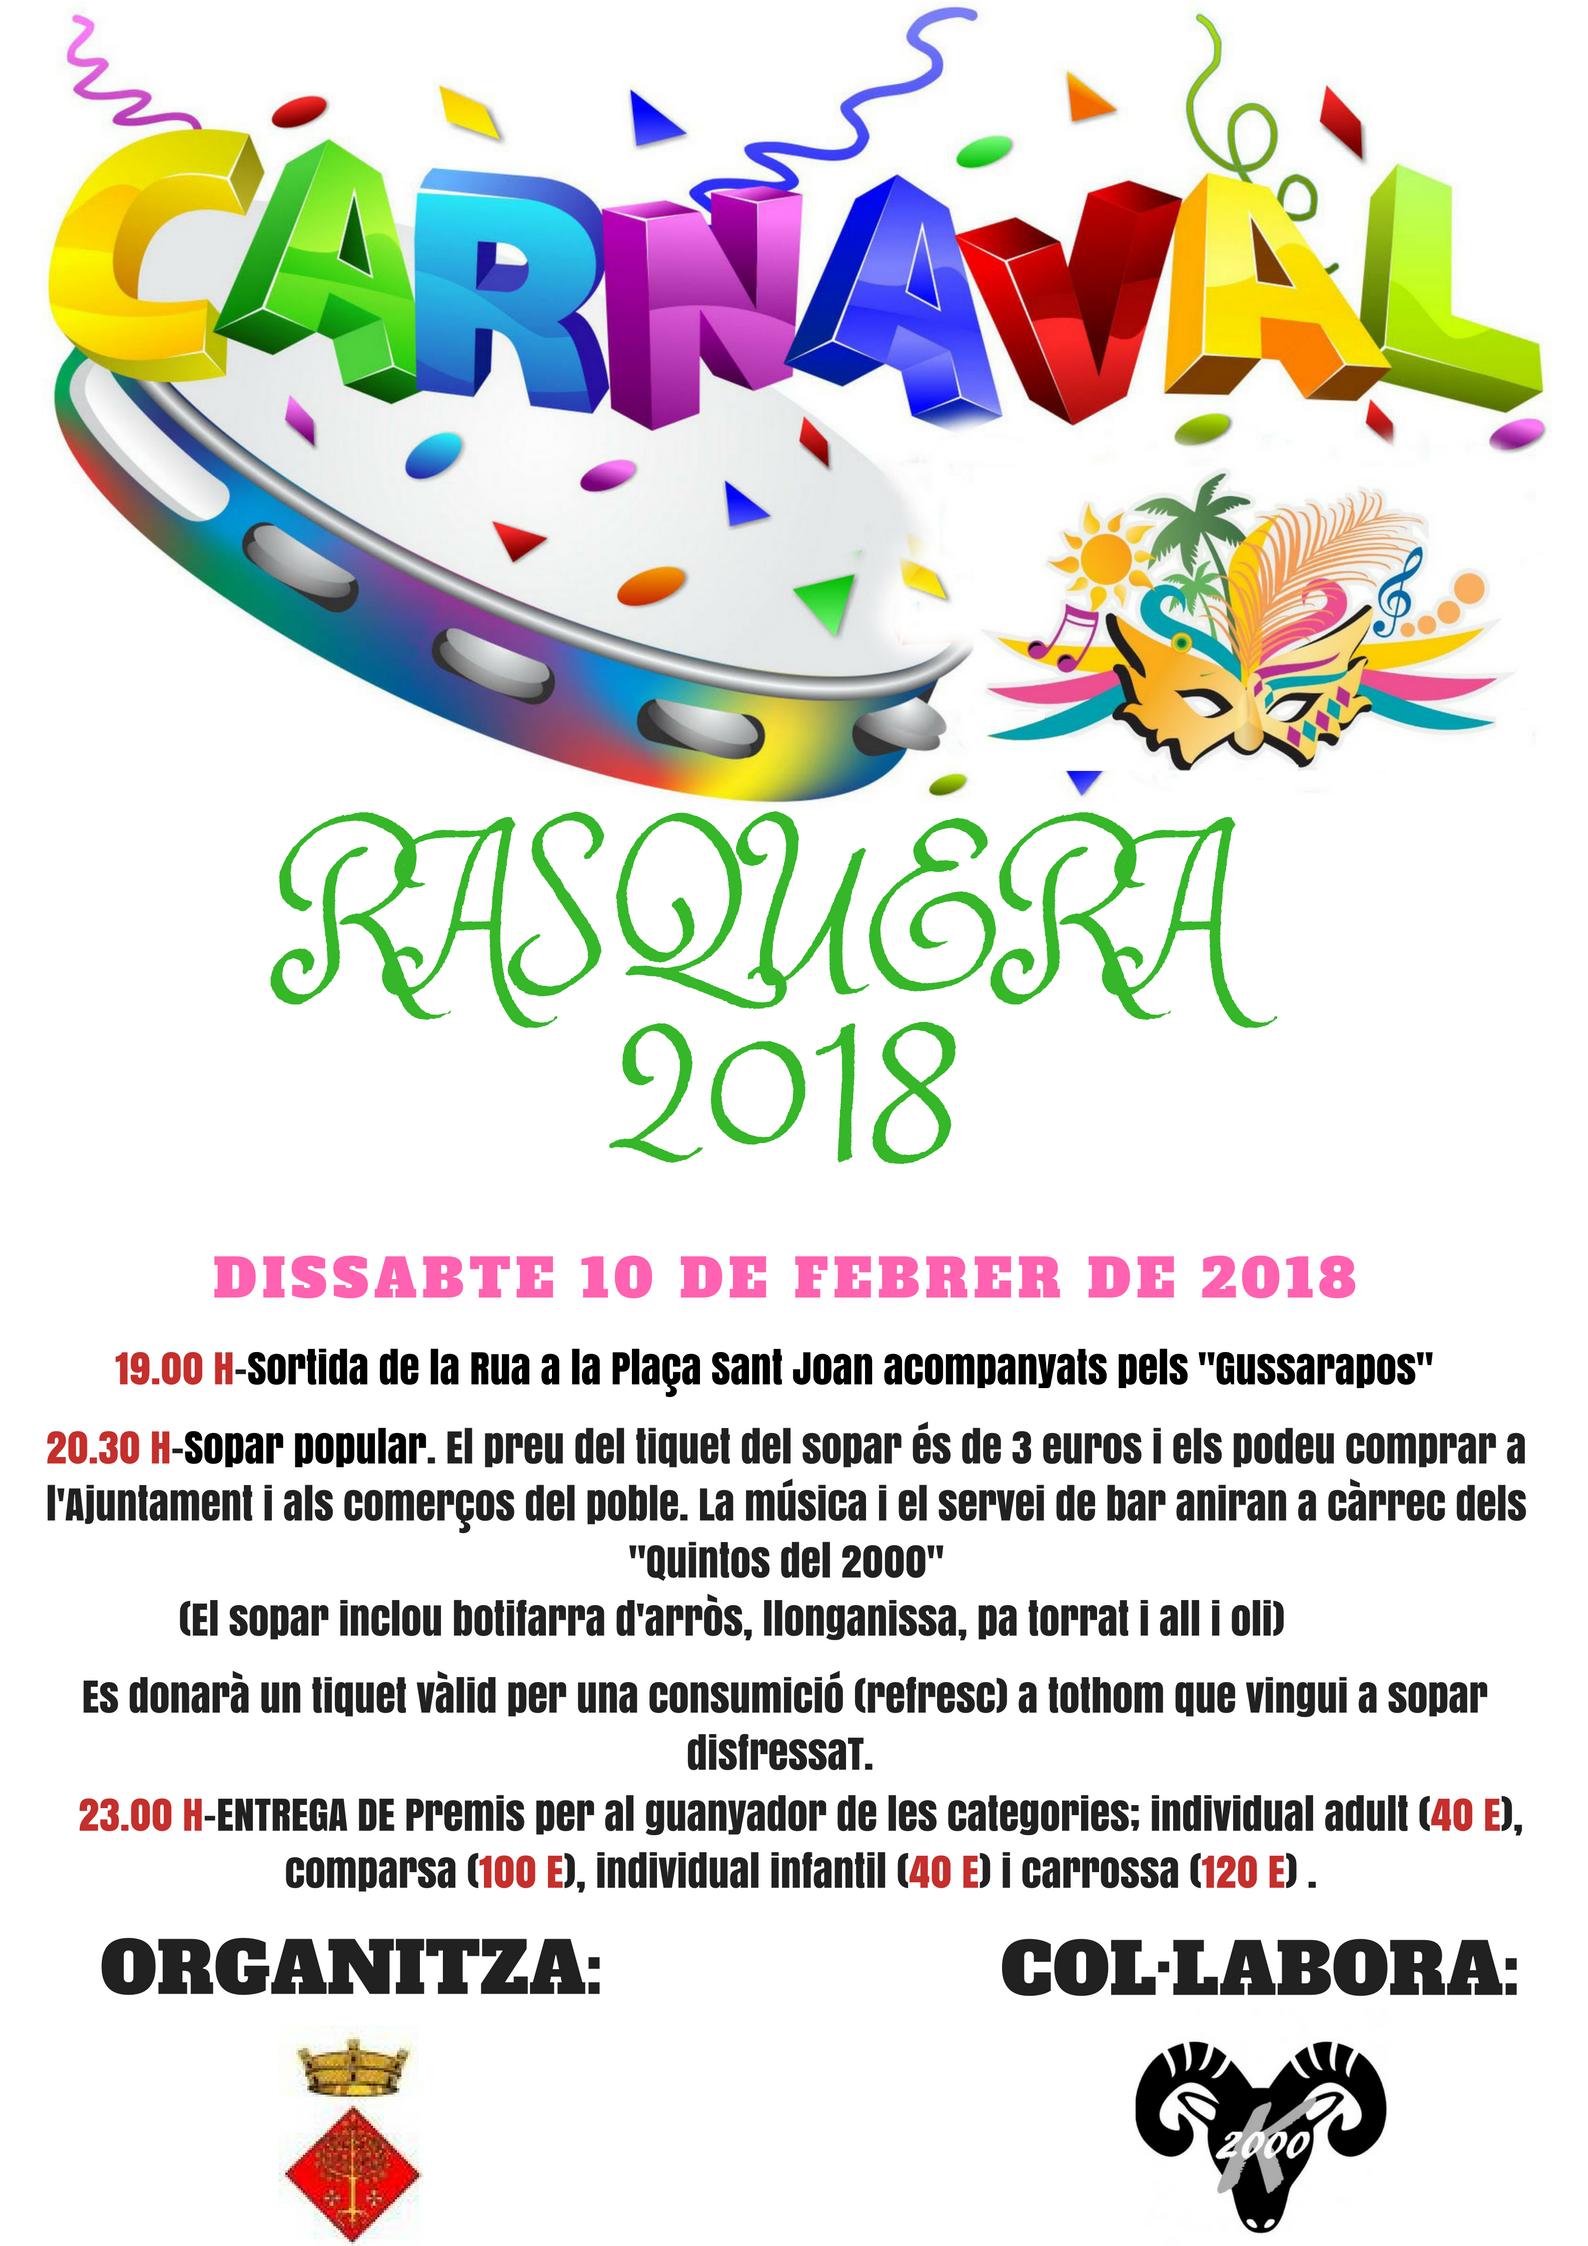 CARNAVAL DE RASQUERA 2018